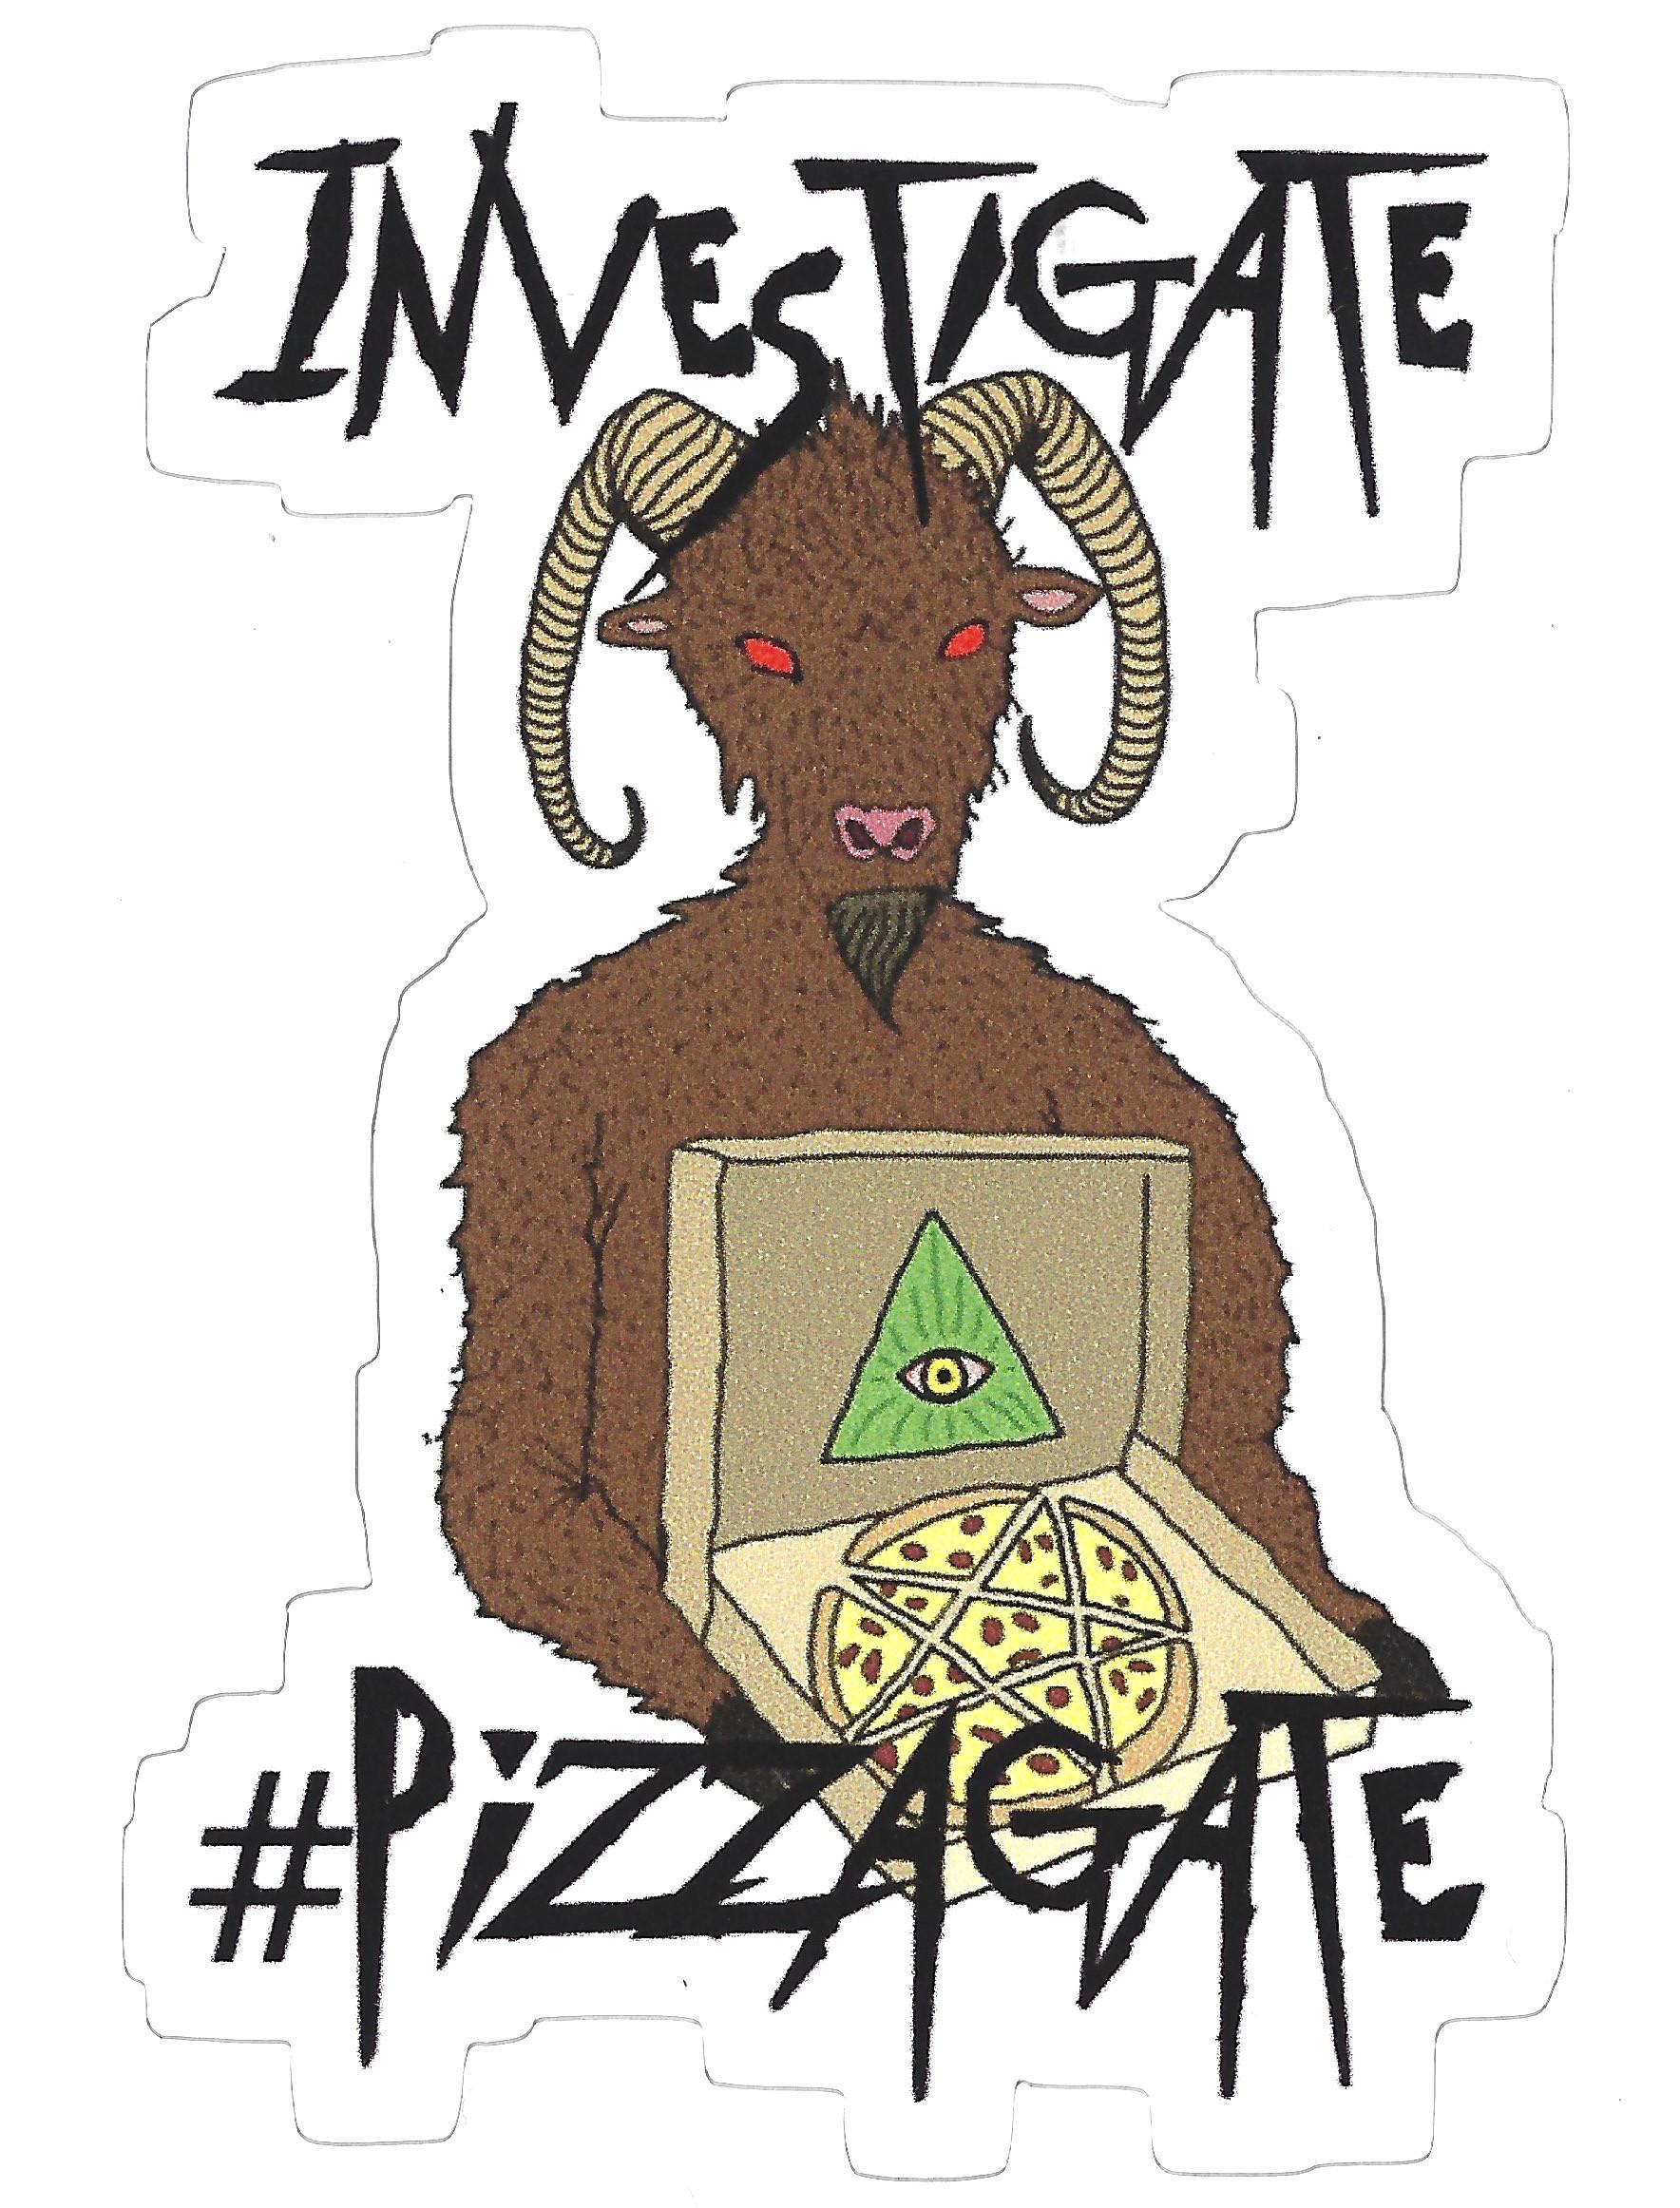 Investigate #Pizzagate